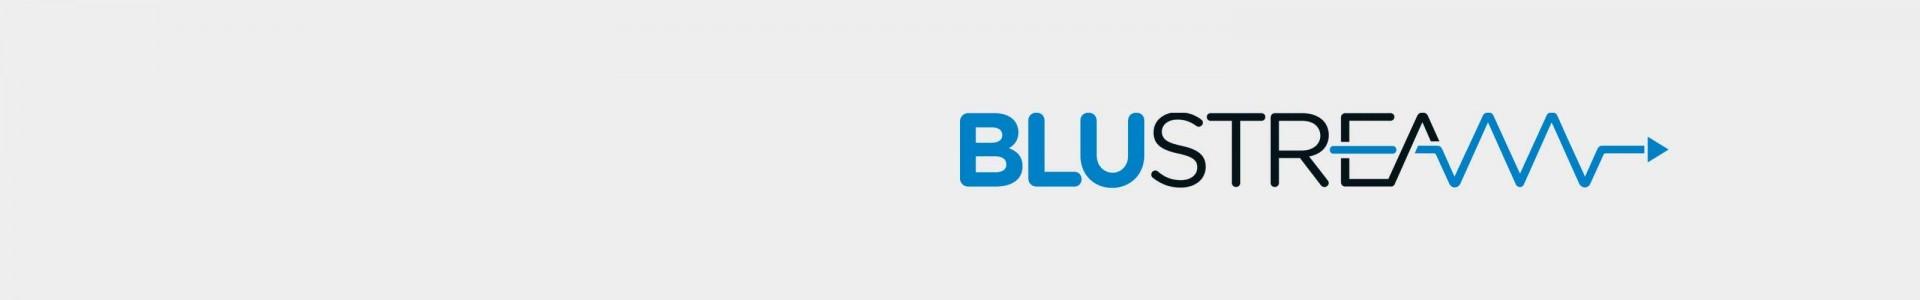 Blustream Video Scalatori in Avacab - Qualità garantita